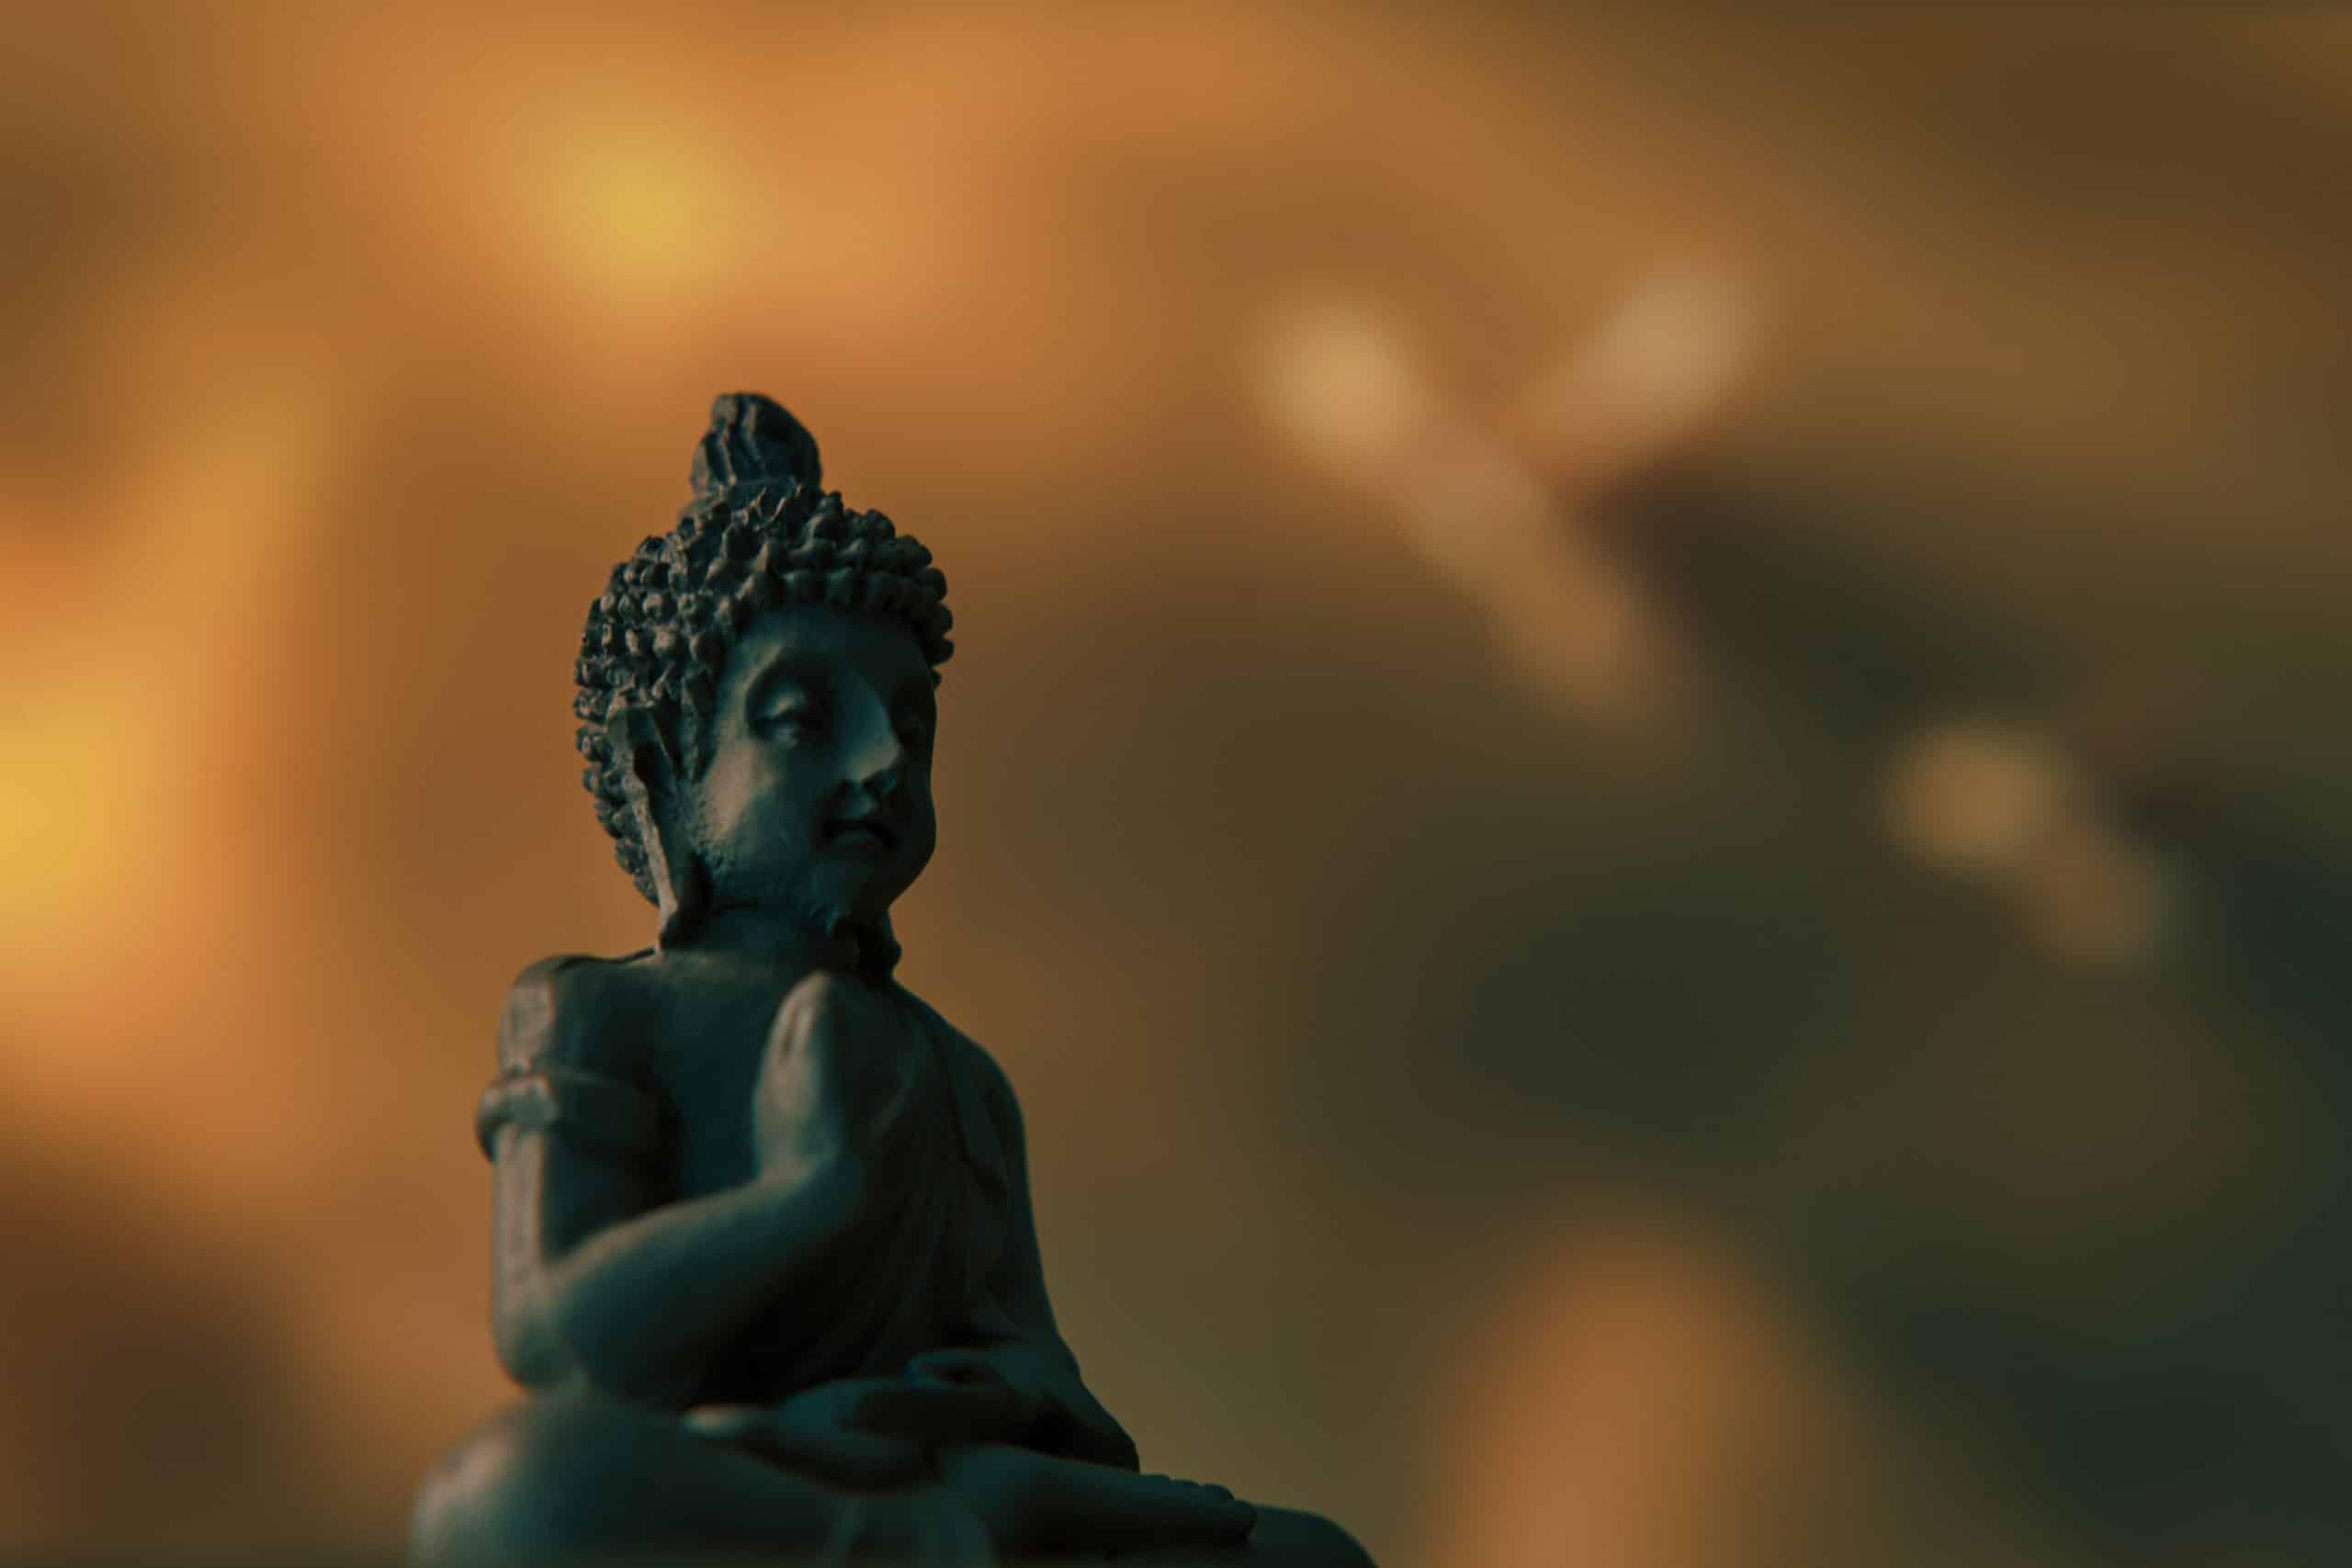 Pequena estátua de uma budista meditando.